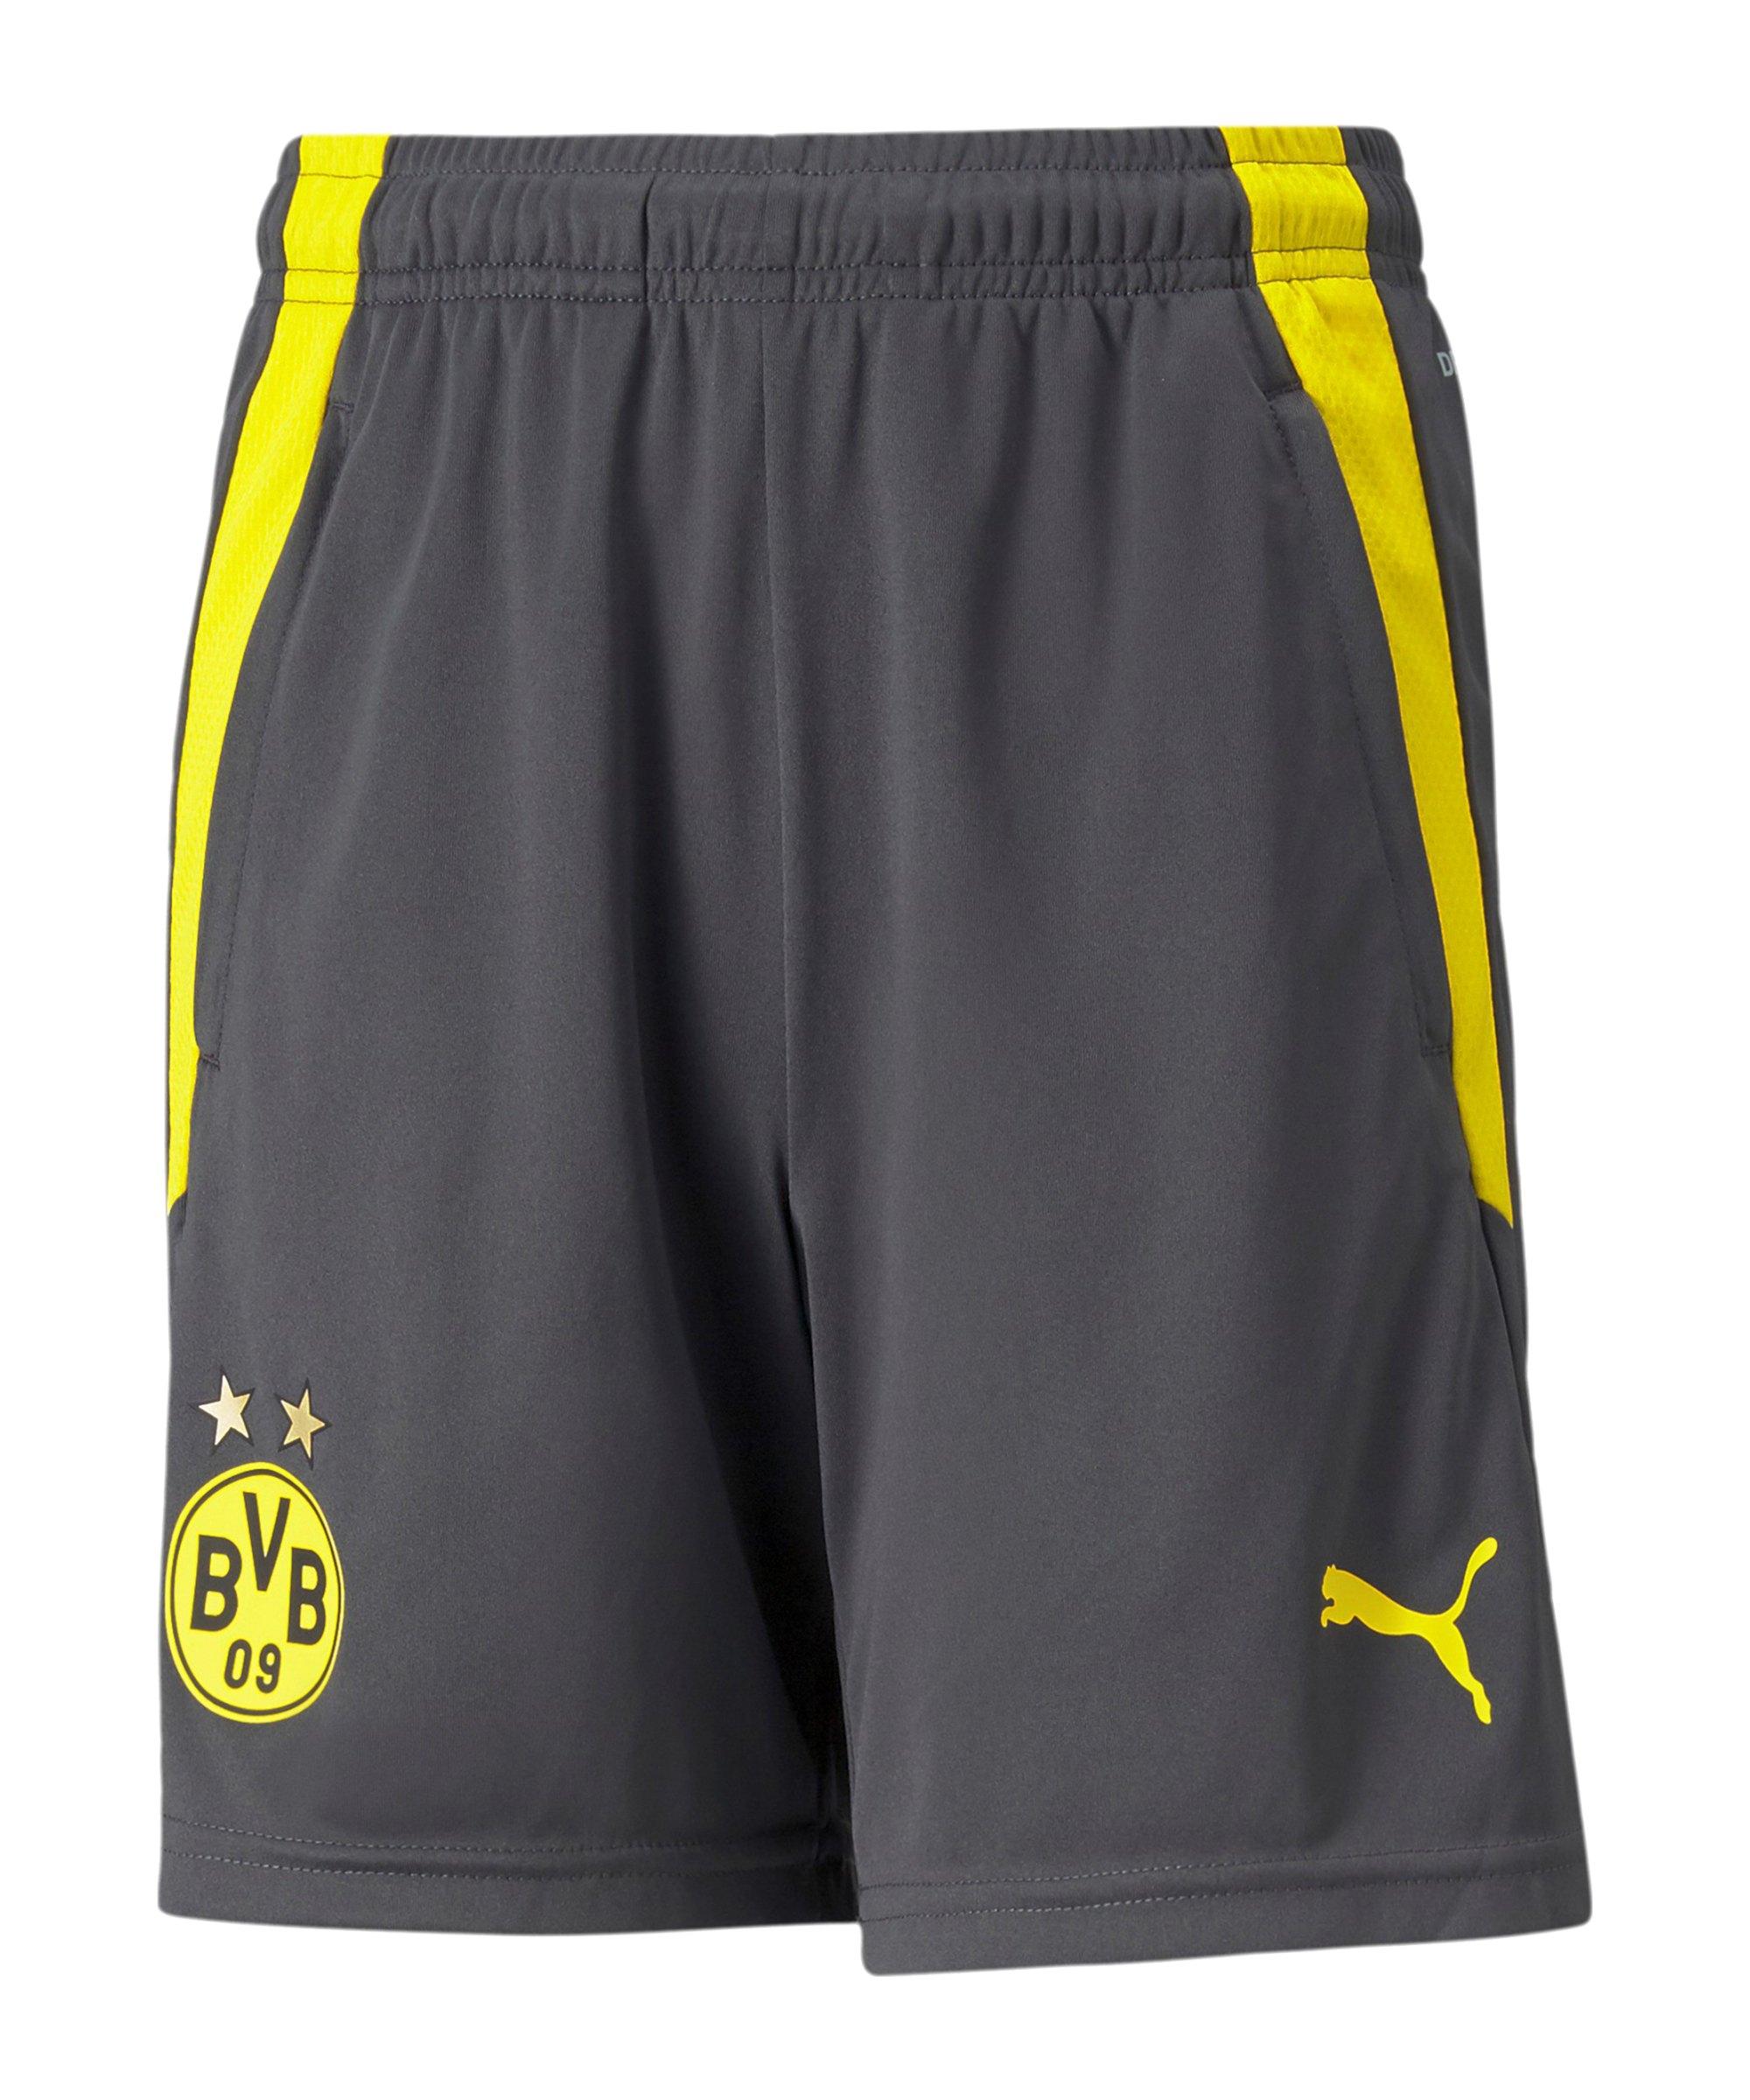 PUMA BVB Dortmund Trainingsshort Kids Grau F04 - grau